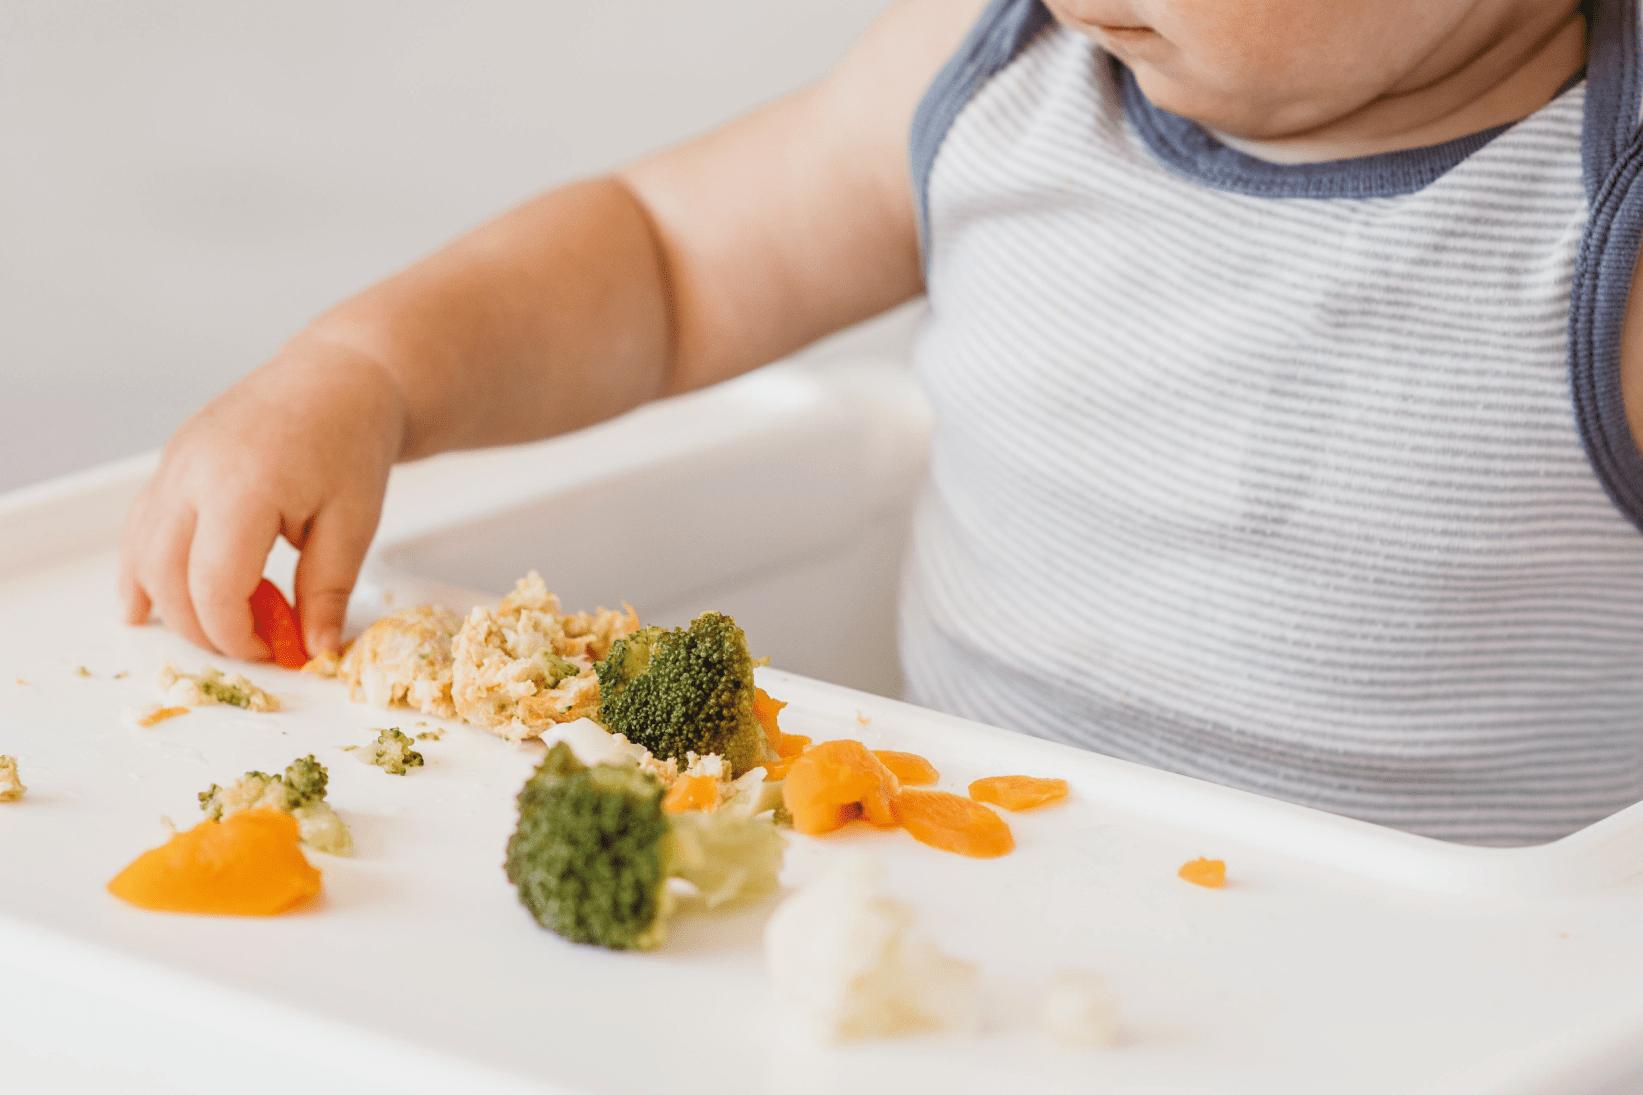 Les 5 Preguntes Més Freqüents Sobre Nutrició Infantil: Les Contestem!